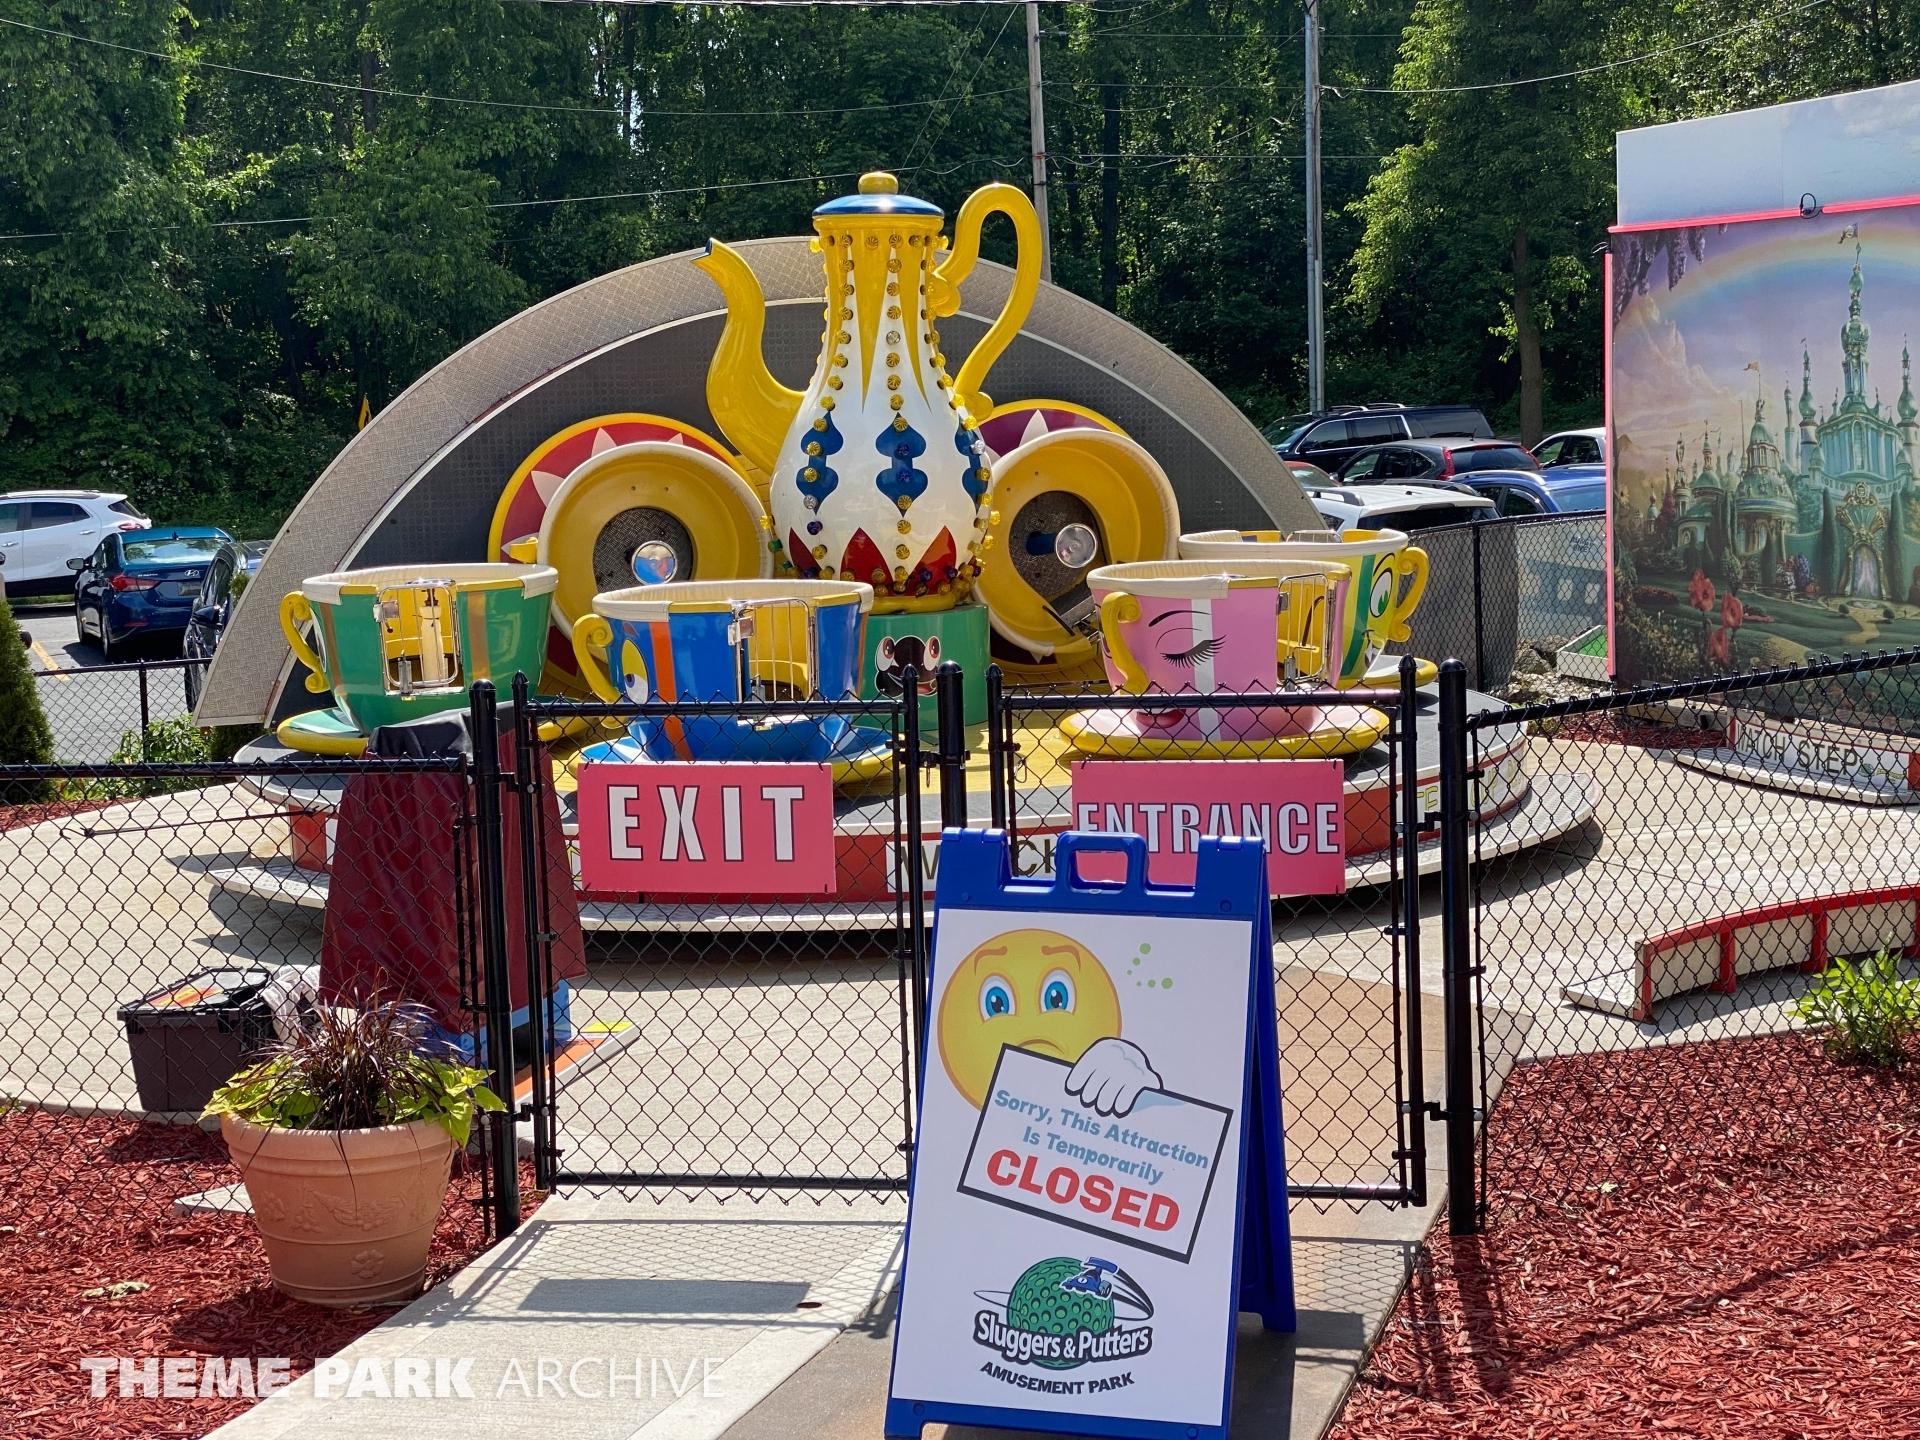 Tea Cups at Sluggers & Putters Amusement Park